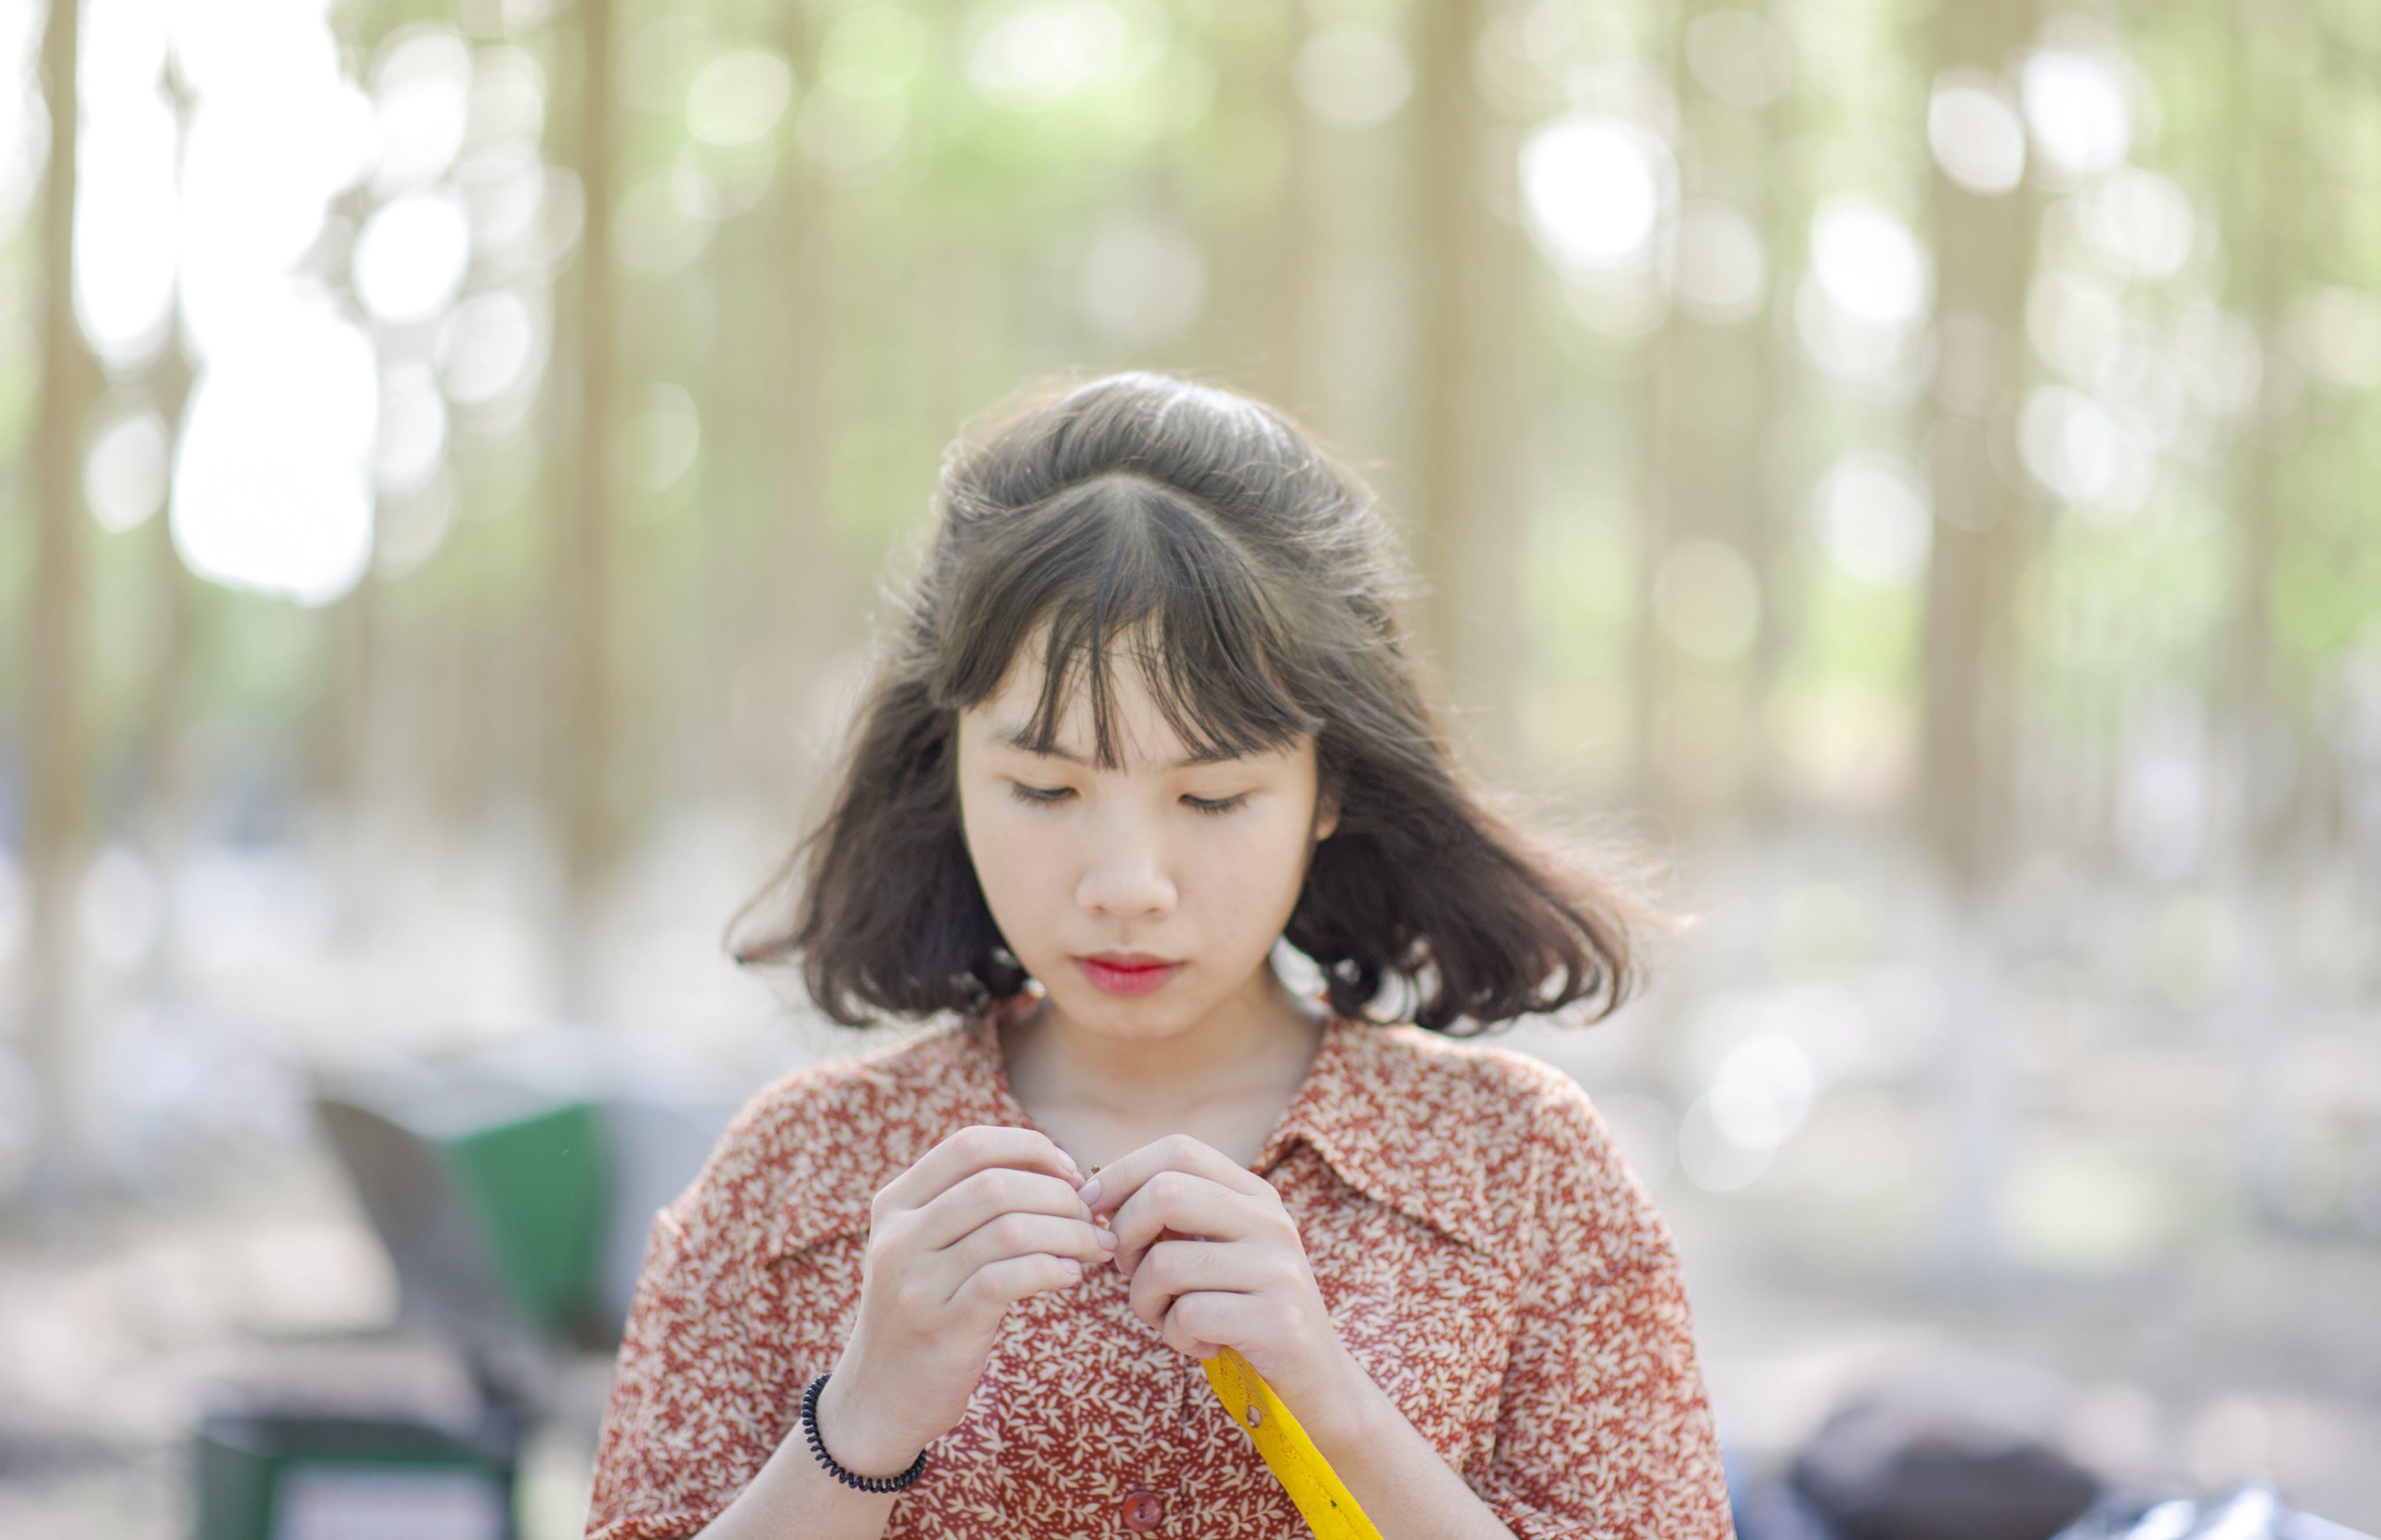 Immagine gratuita di bellissimo, capelli, donna, donna asiatica